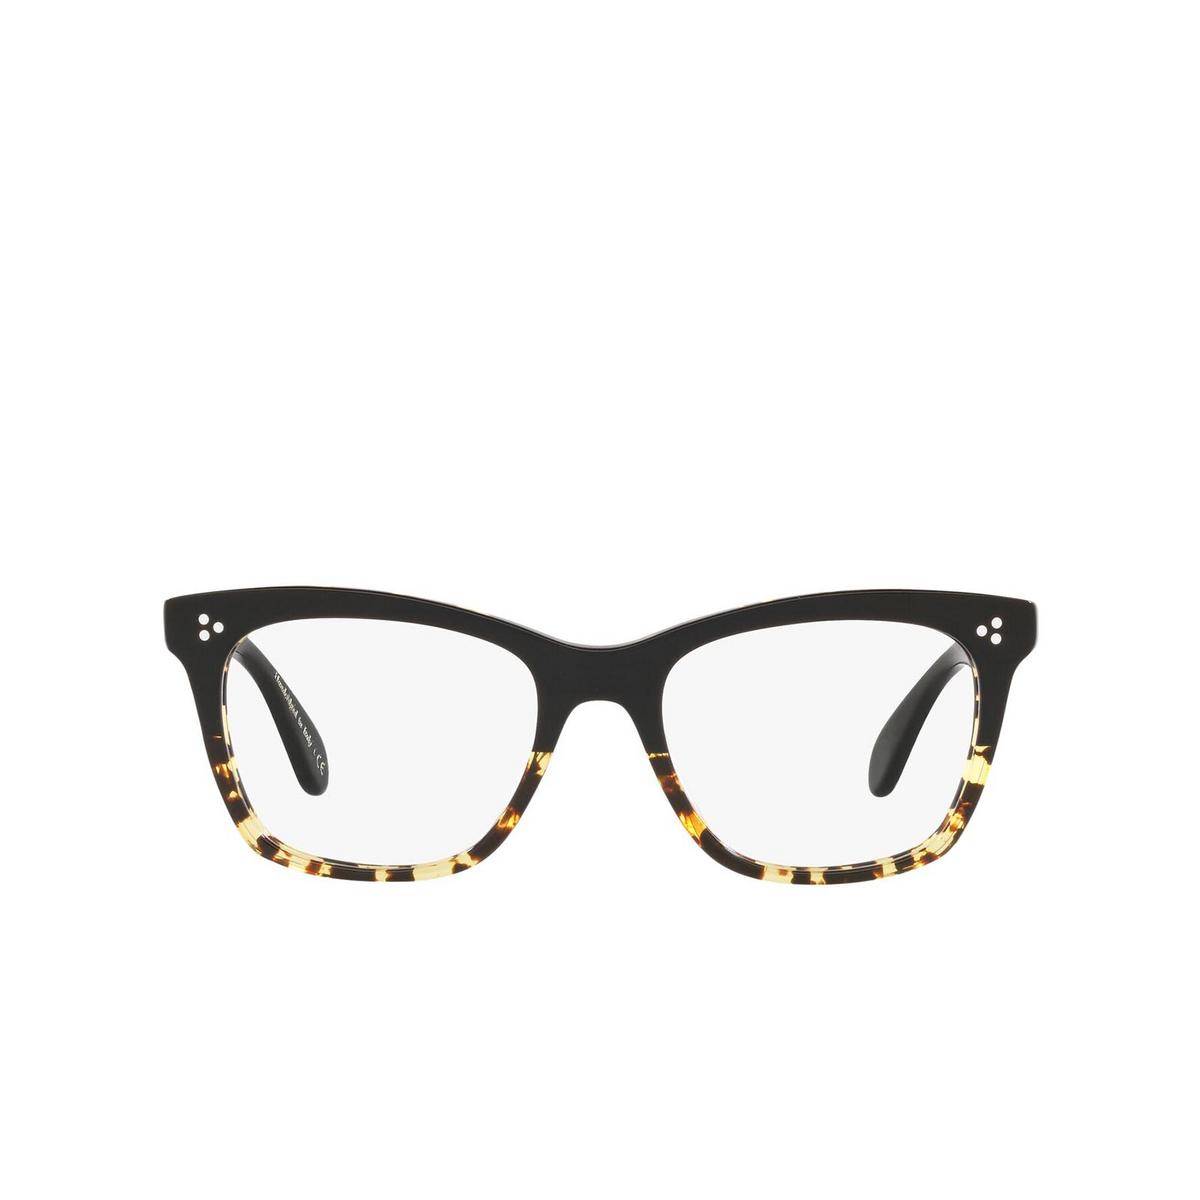 Oliver Peoples® Butterfly Eyeglasses: Penney OV5375U color Black / Dtbk Gradient 1178.